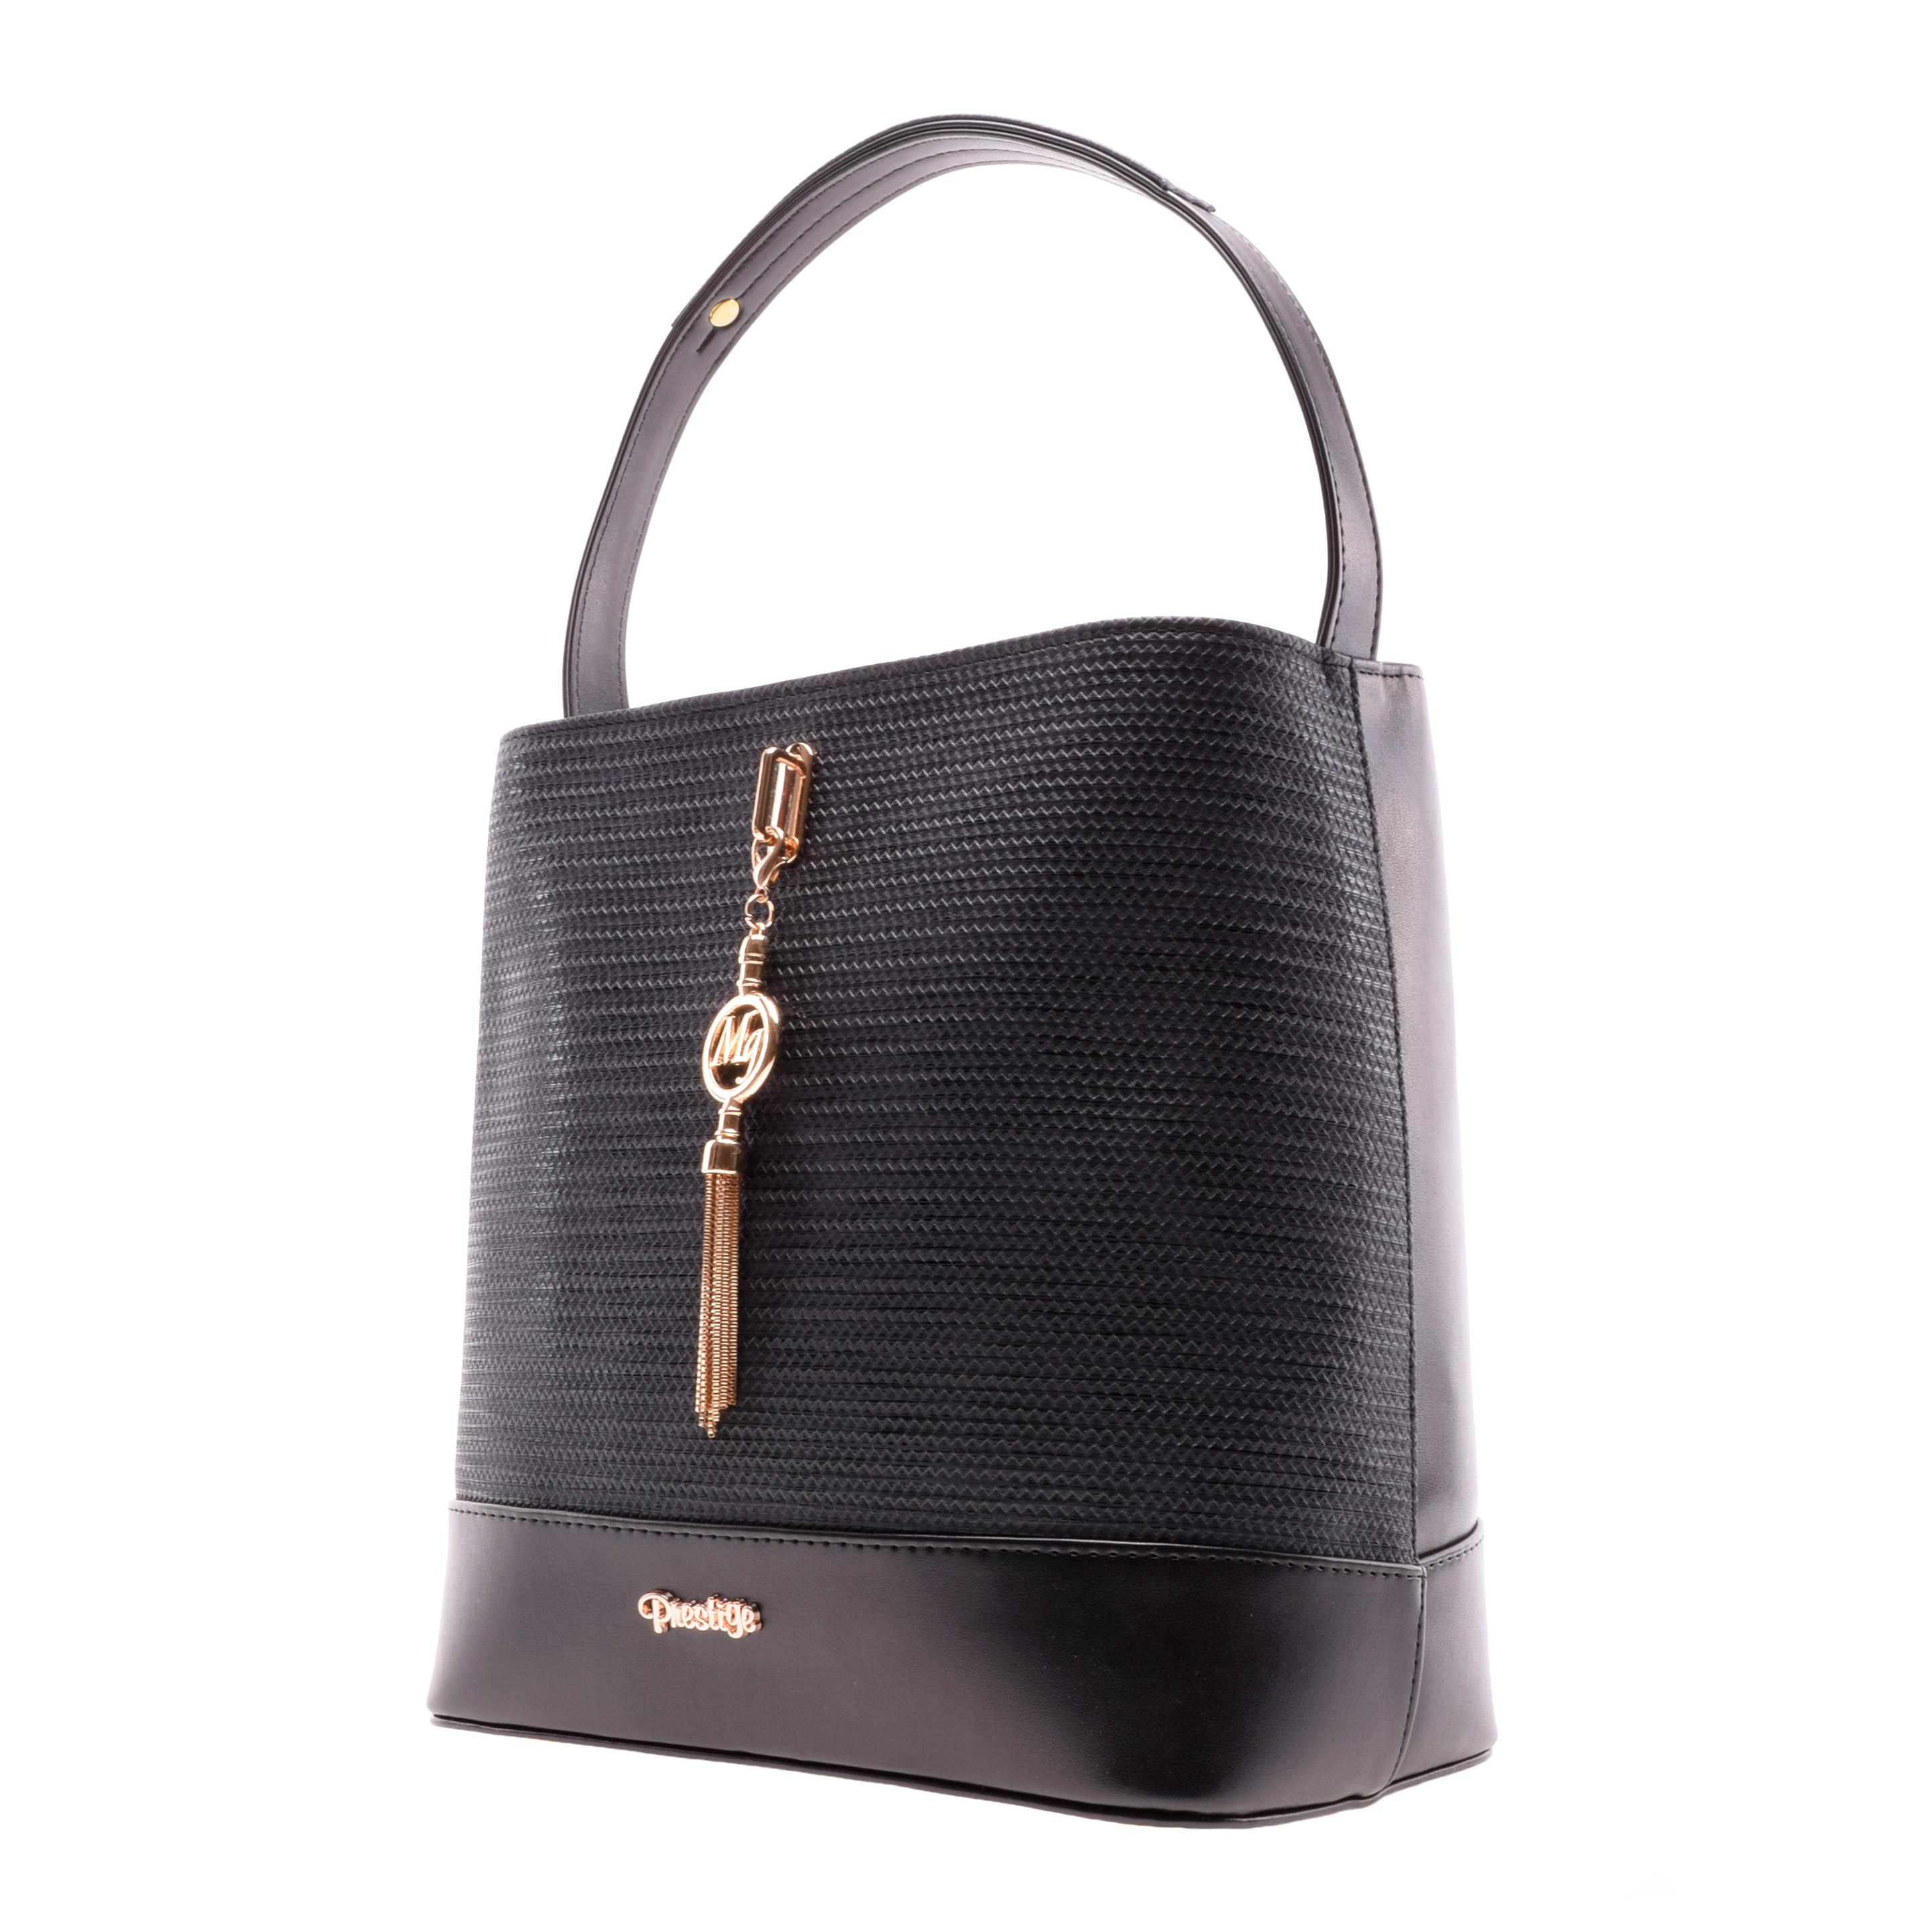 f051660e7a88 Prestige Elegáns Nagy Méretű Fekete Műbőr Kézitáska - Válltáskák - Táska  webáruház - Minőségi táskák mindenkinek